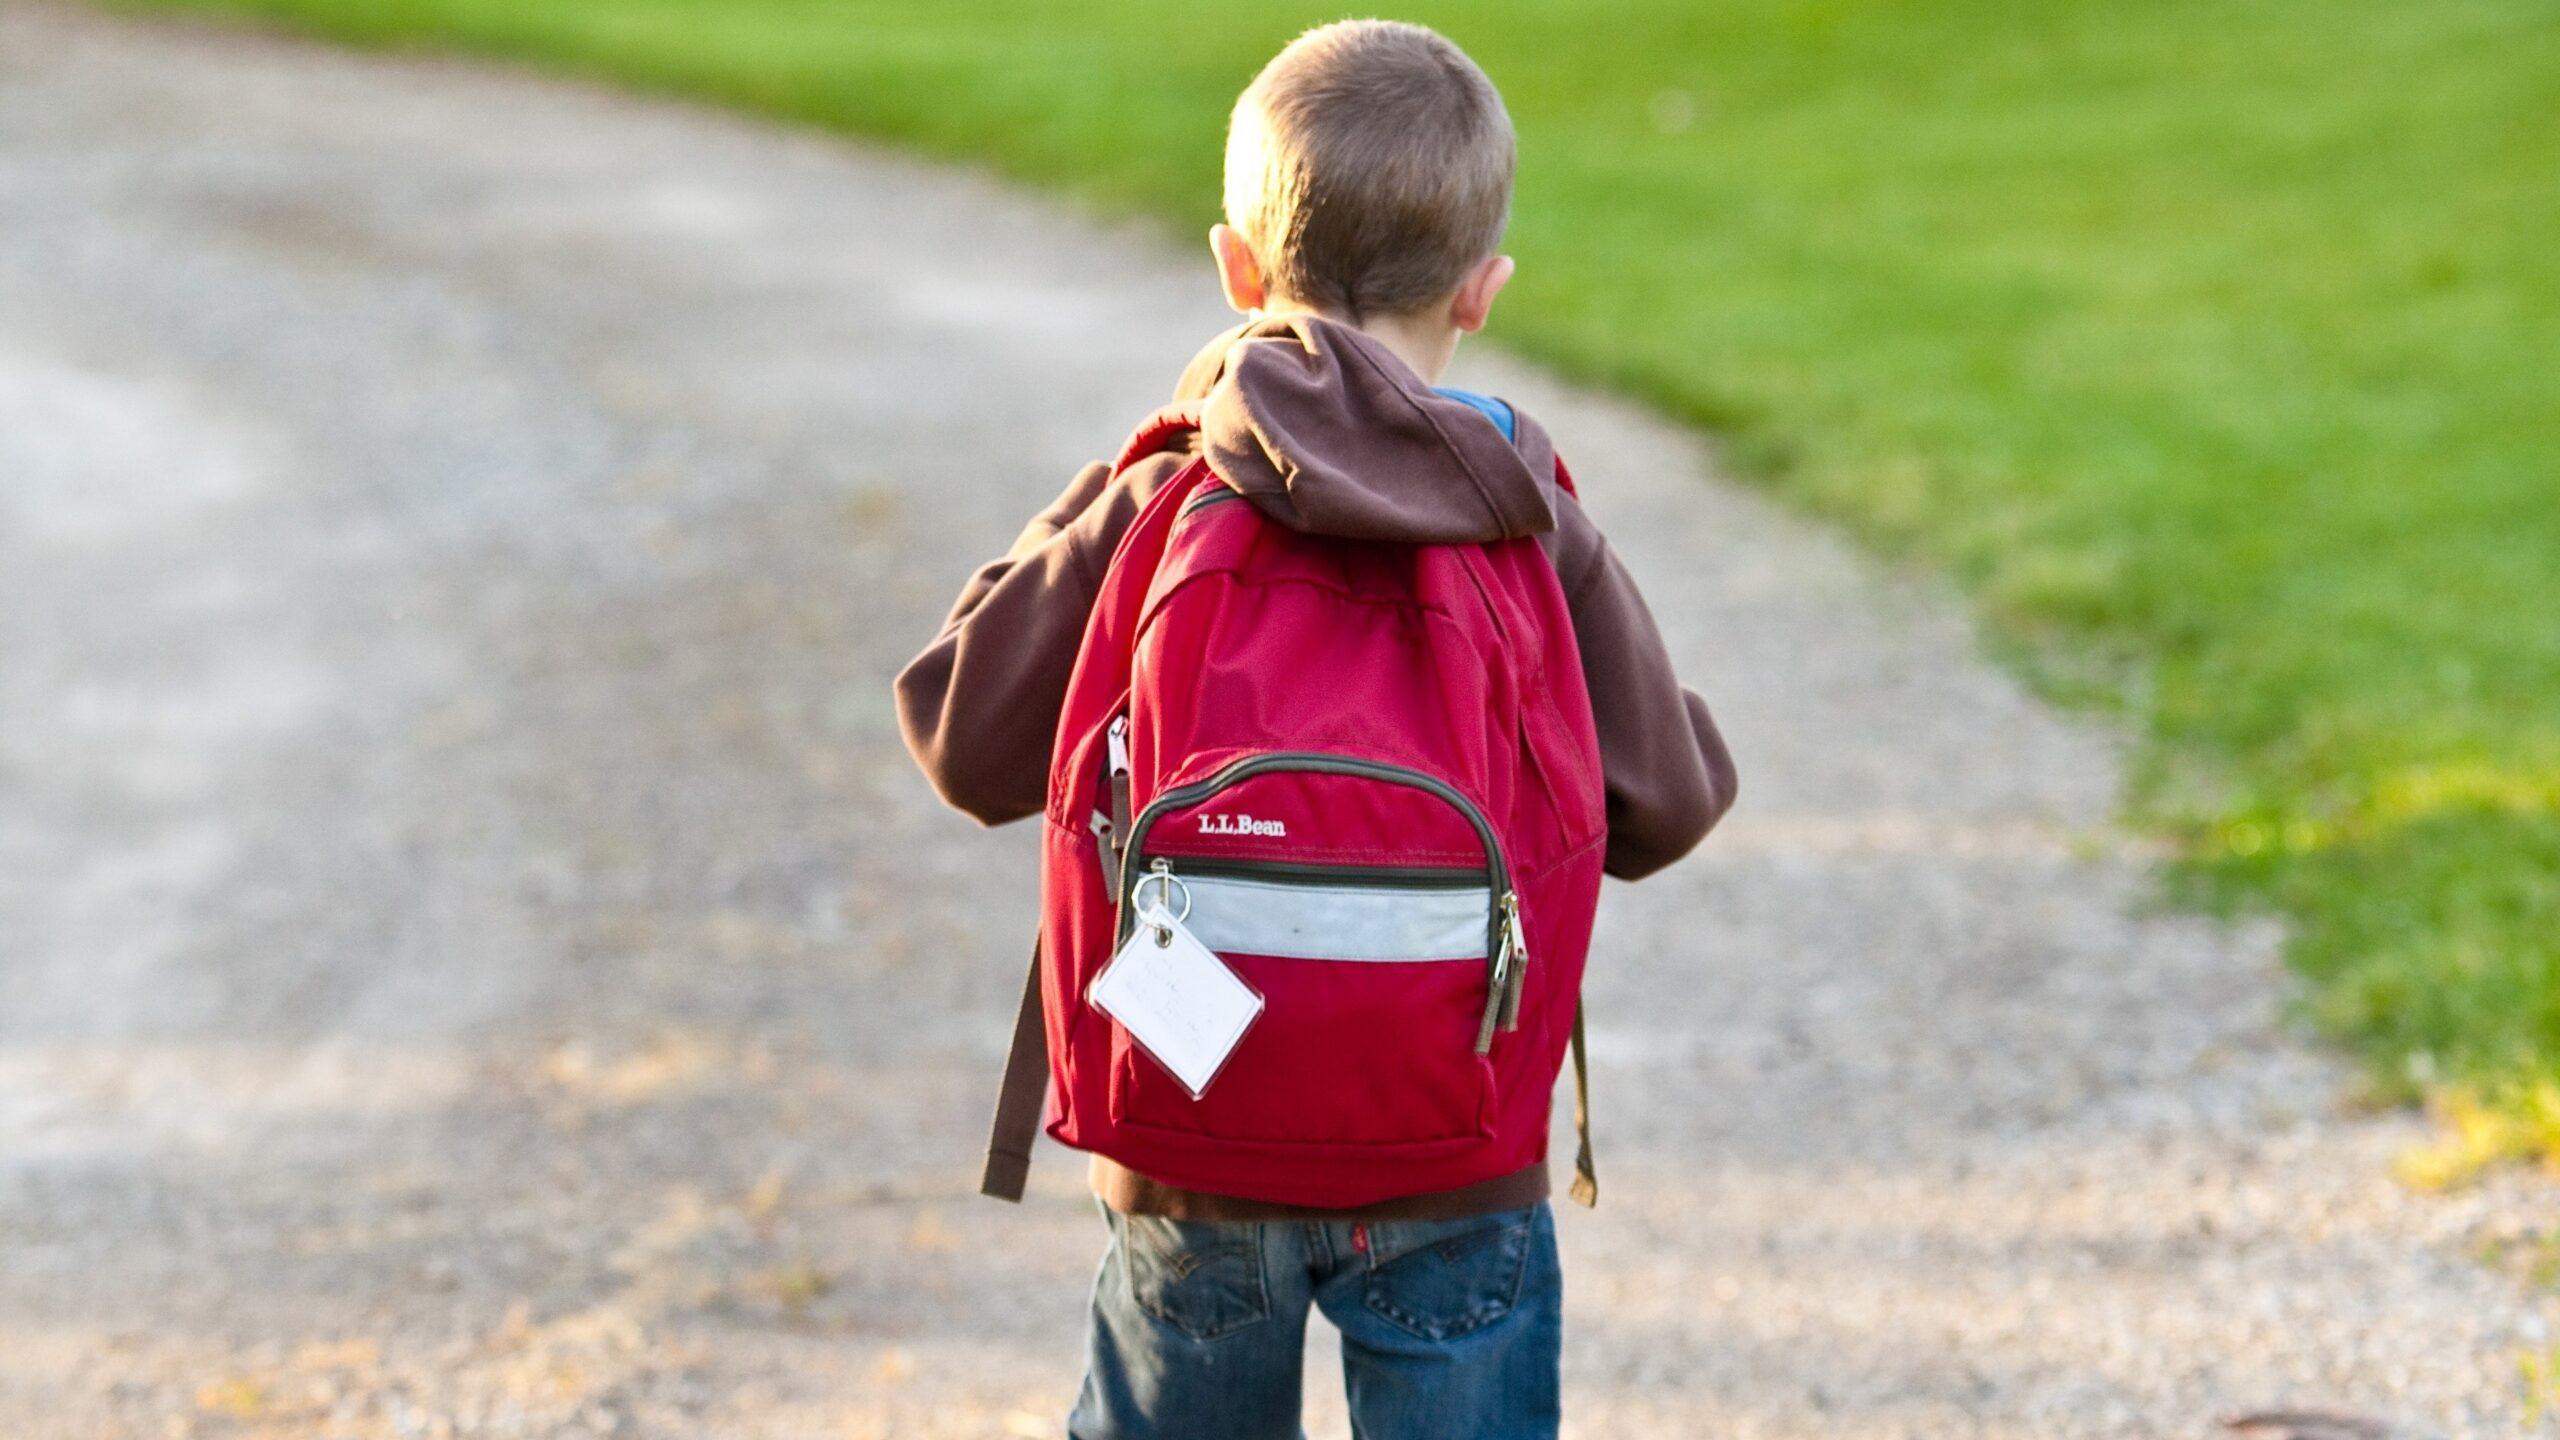 bullying, bántalmazás, áldozat, anya, fia, mobbning